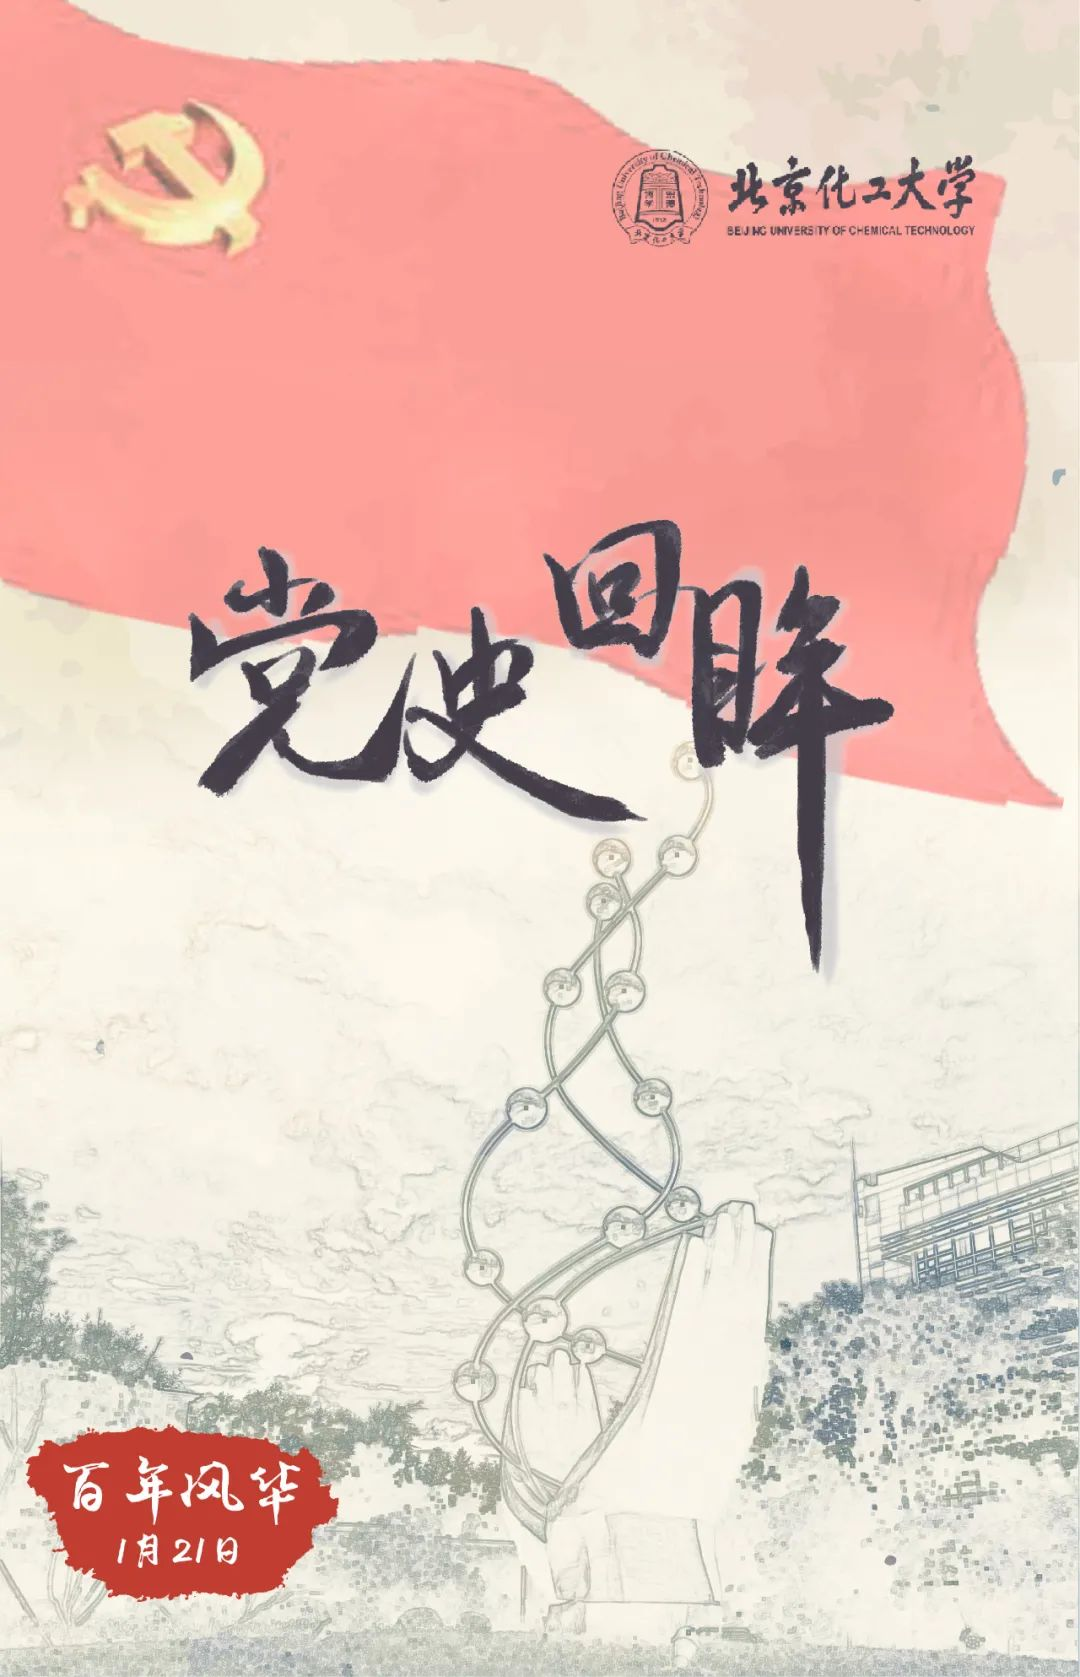 百年风华·党史回眸 | 1月21日图片